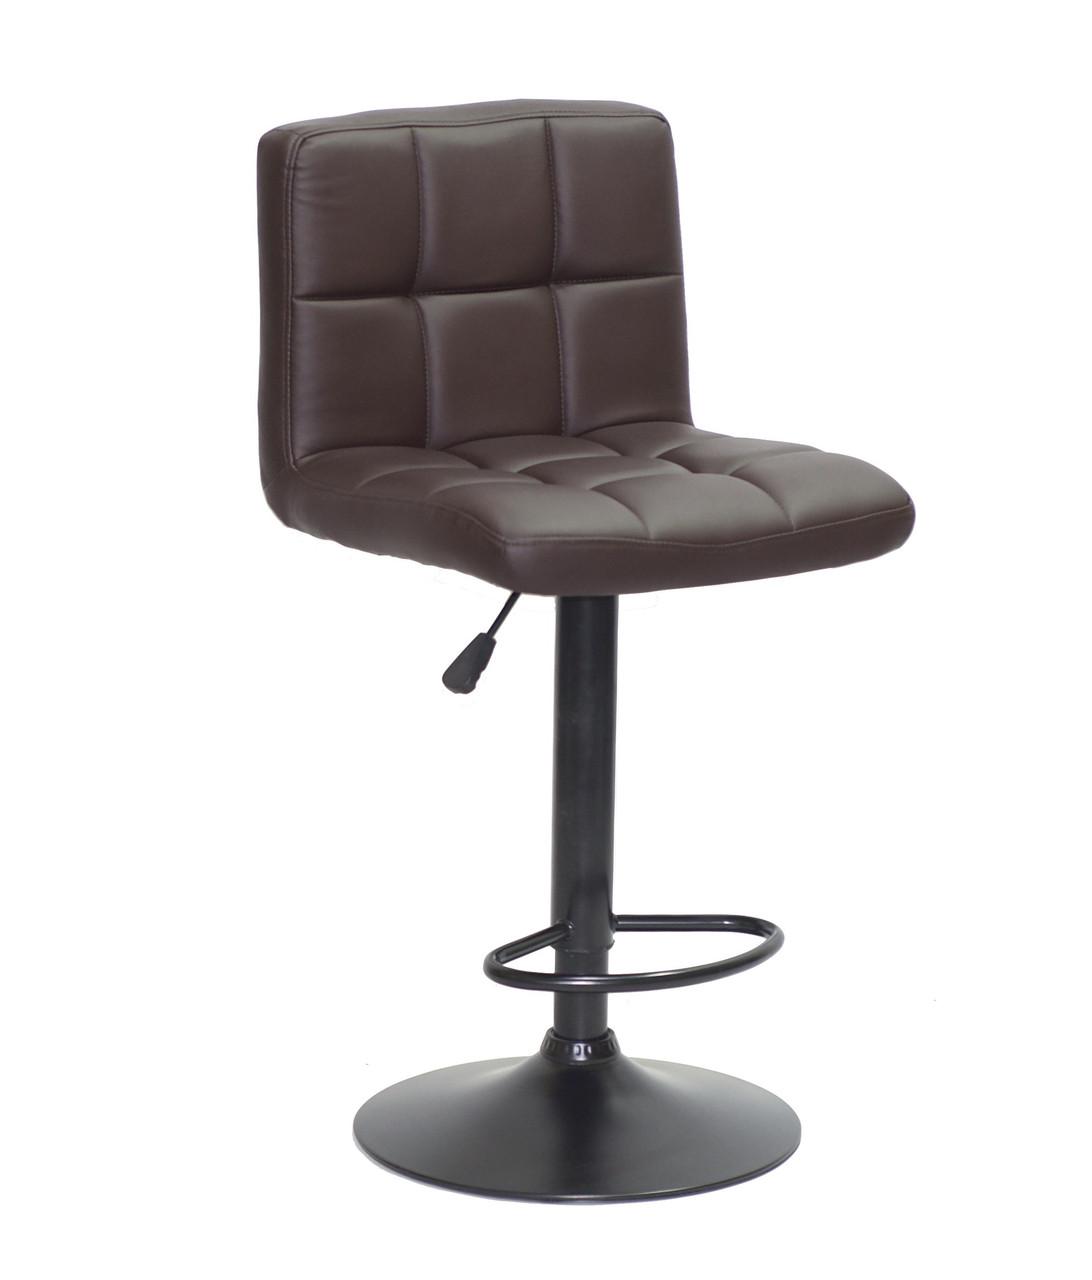 Барное кресло на черном основании шоколадного цвета из эко-кожи Arno BK - Base в кафе и салоны с подставкой